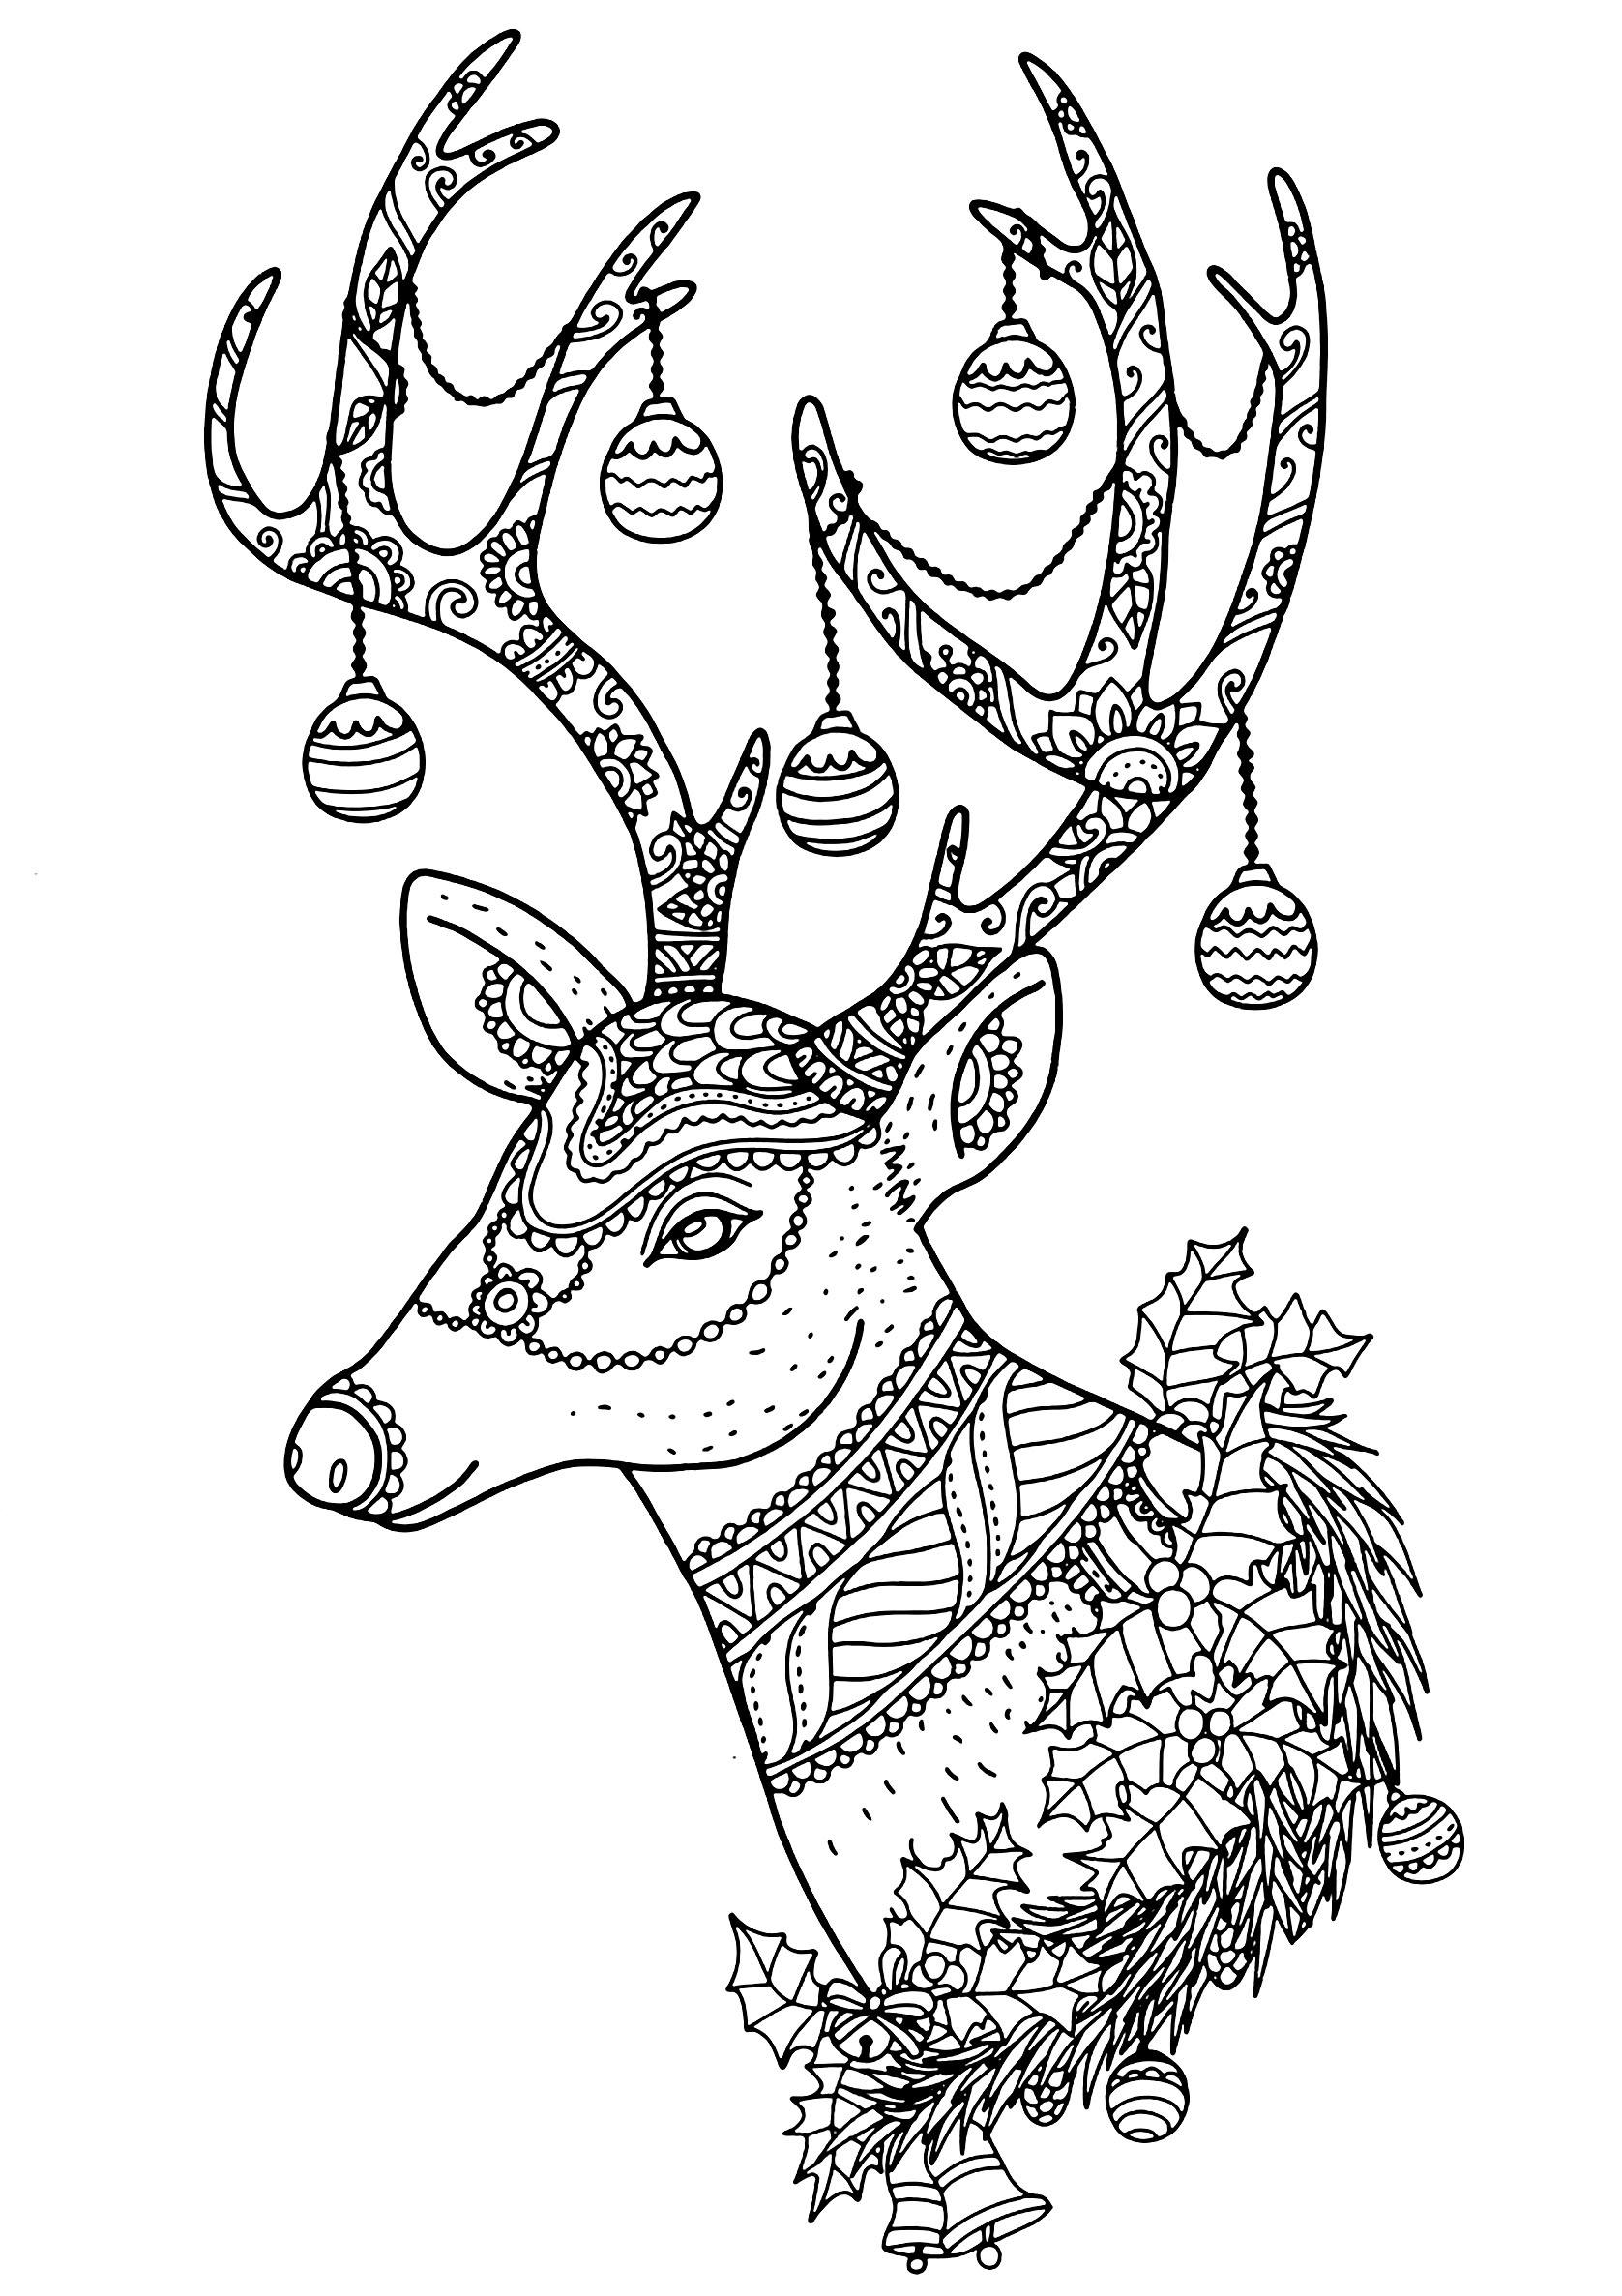 Christmas Reindeer Nontachai Hengtragool Christmas Coloring